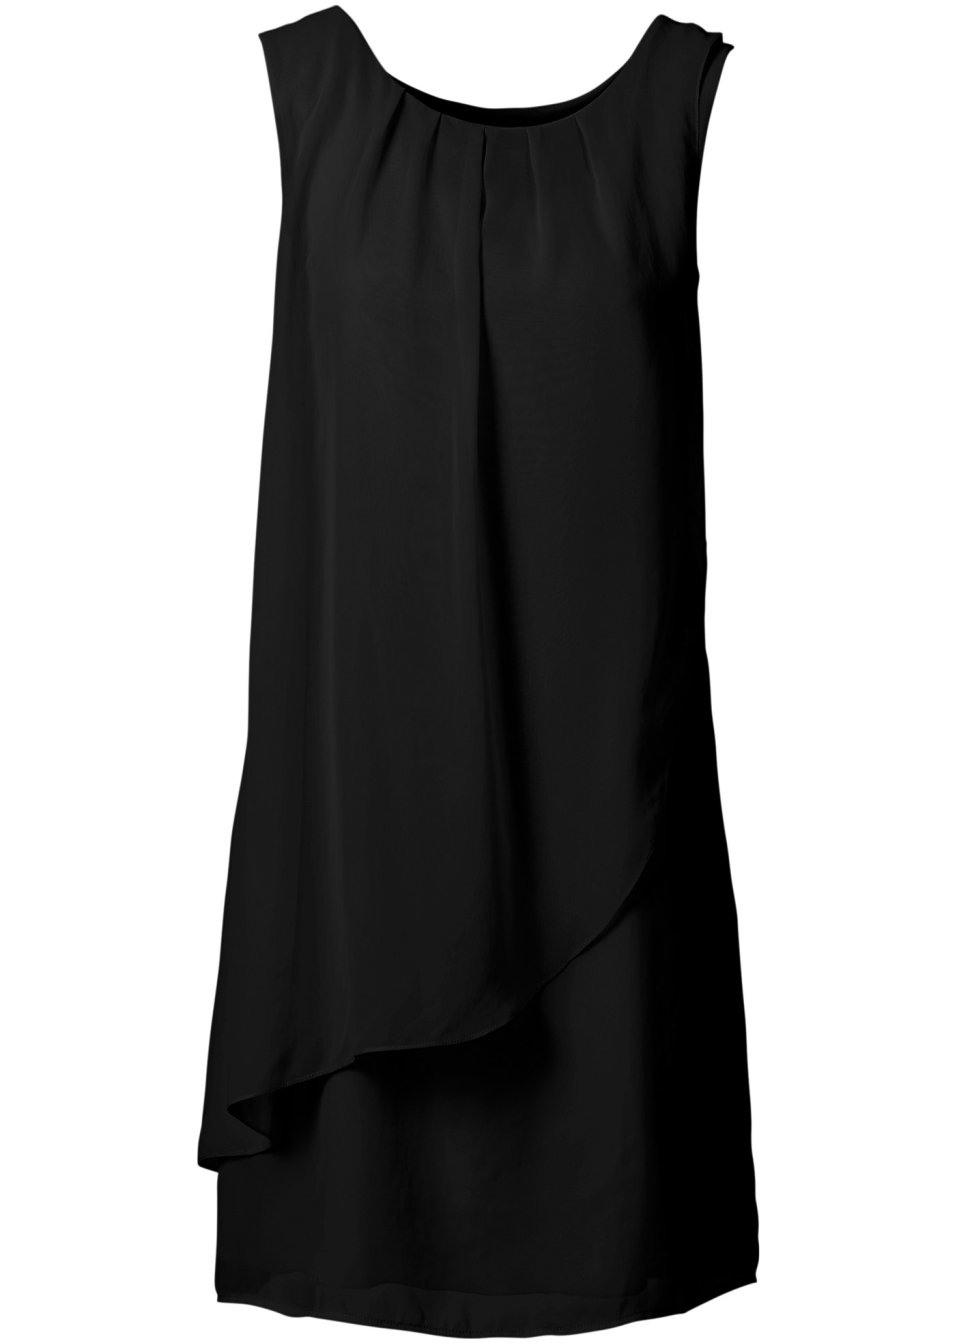 Bezauberndes Kleid Im Eleganten Design  Schwarz